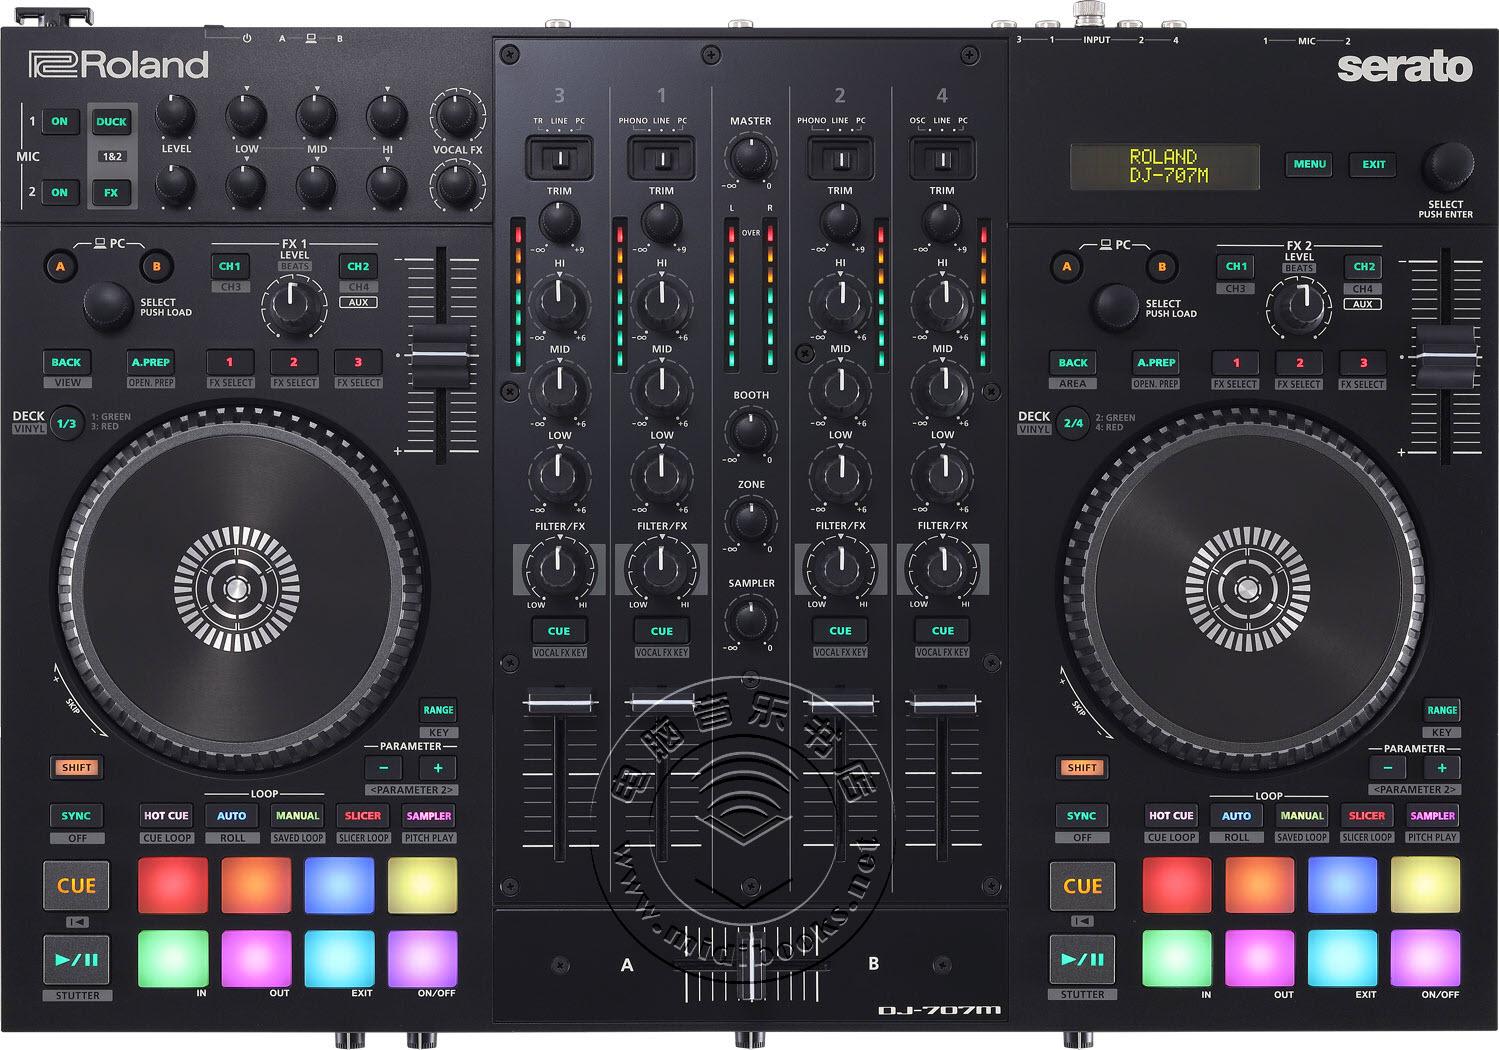 Roland(罗兰)发布新款紧凑型DJ控制器DJ-707M